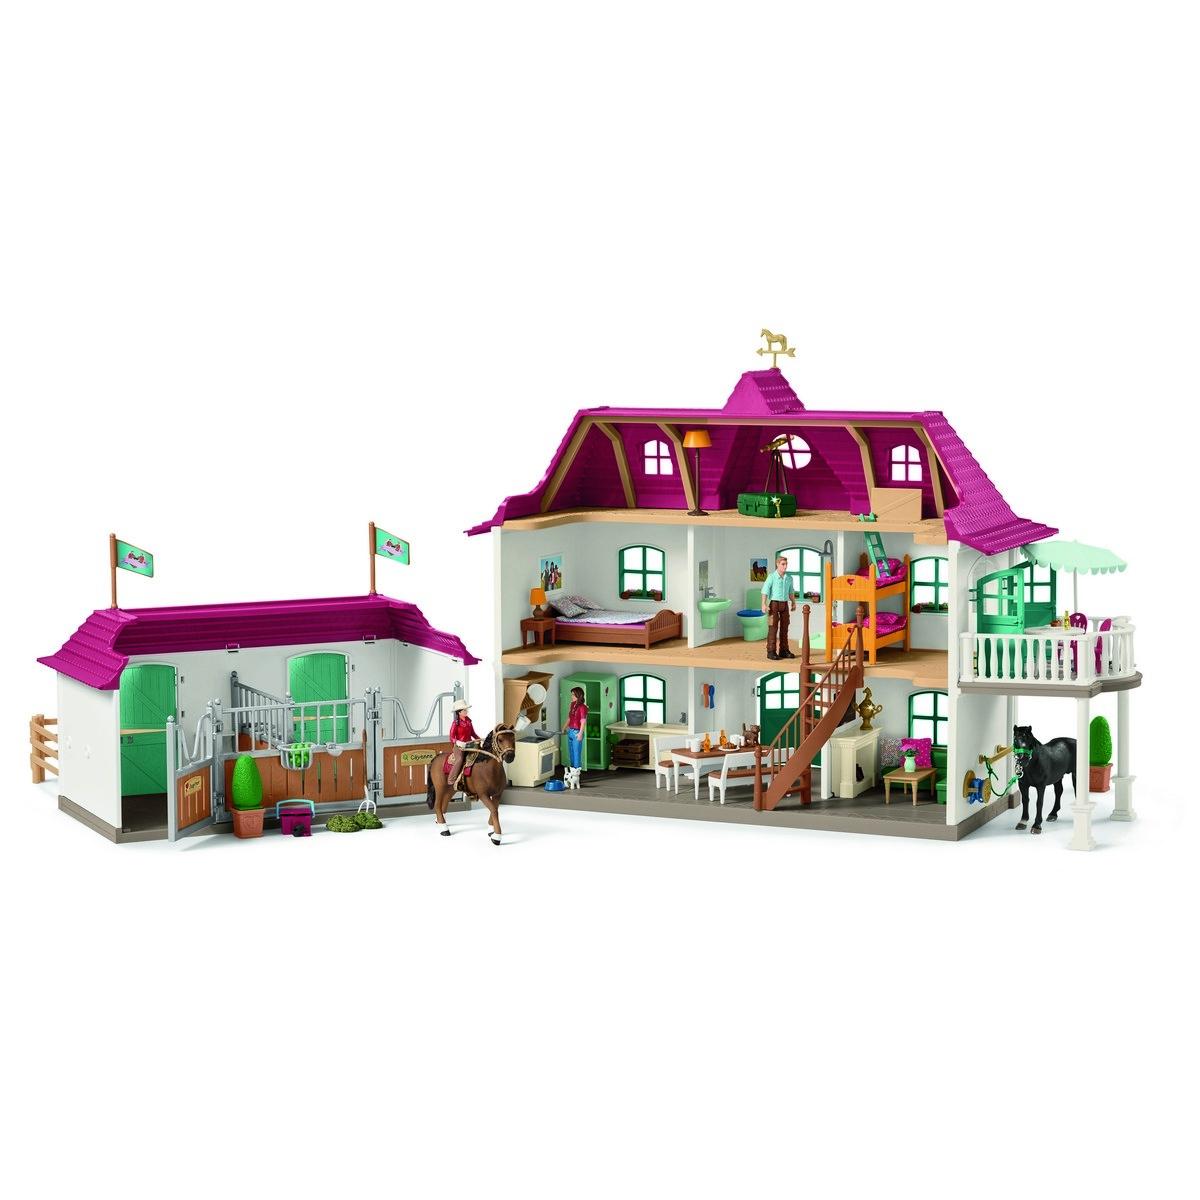 Schleich - Casă mare cu grajduri și accesorii96 cm imagine 2021 e4home.ro